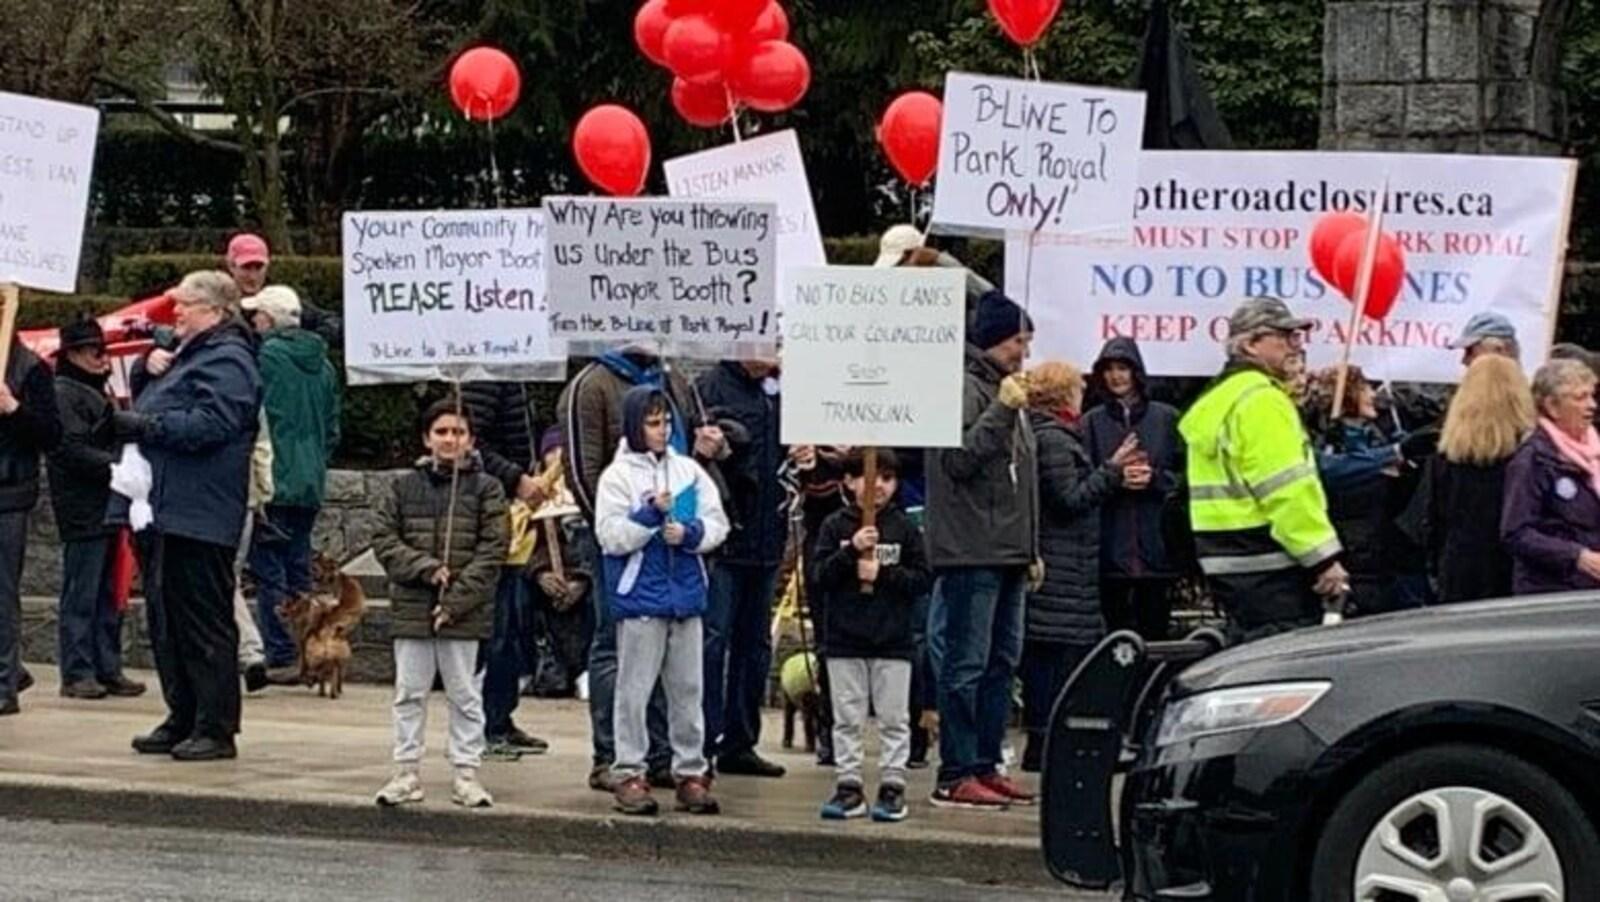 Des dizaines de manifestants brandissant des pancartes et tenant à la main des ballons rouges dénoncent un nouveau couloir d'autobus à West Vancouver.